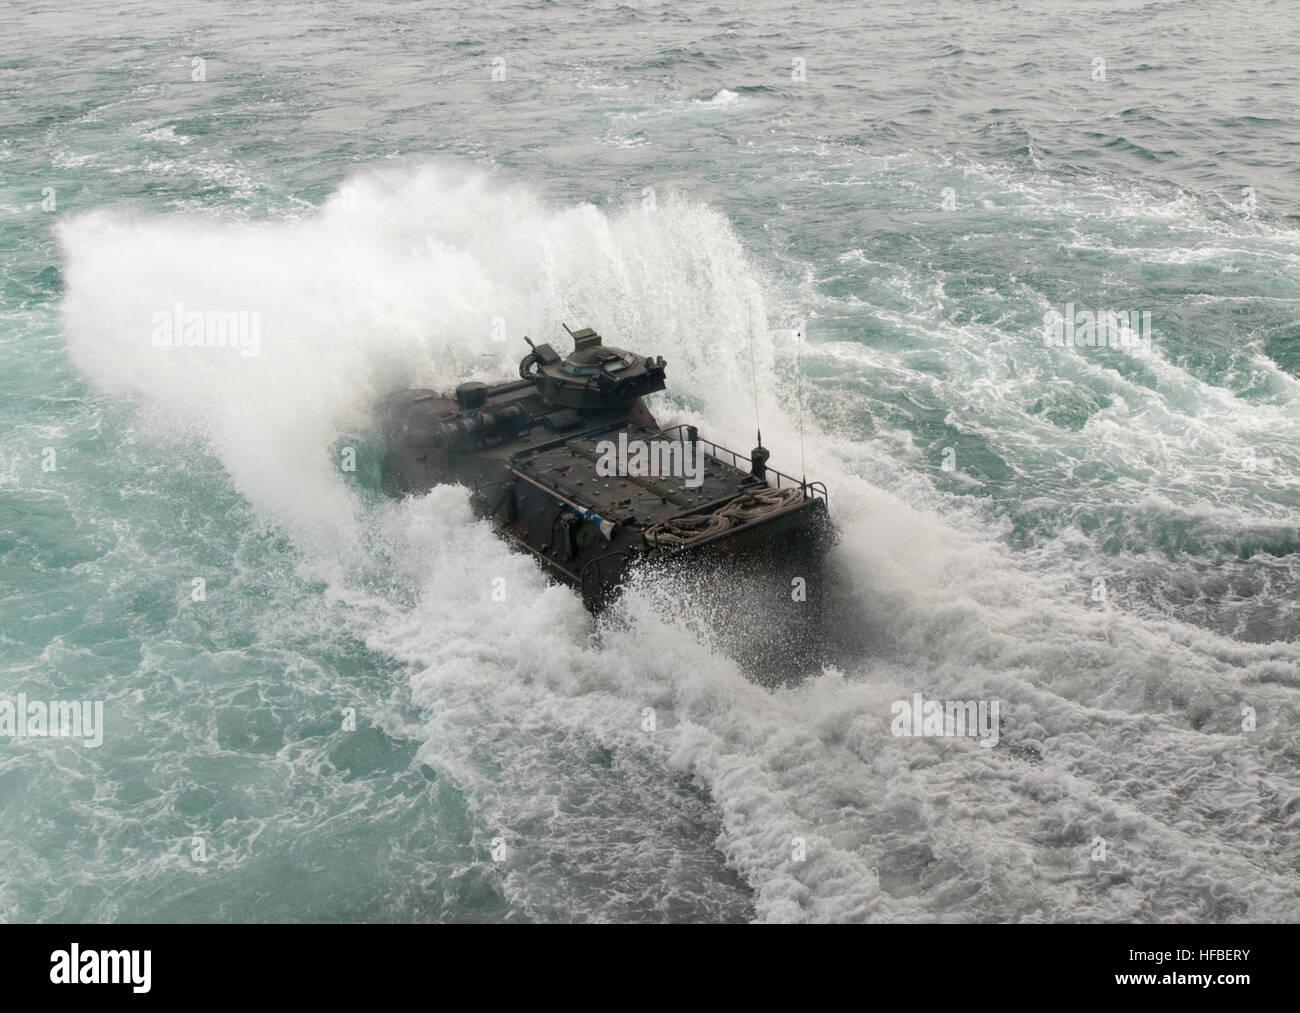 120207-N-NL541-478 ATLANTIC OCEAN (Feb. 7, 2012) An amphibious assault vehicle assigned to 2nd Amphibious Assault - Stock Image